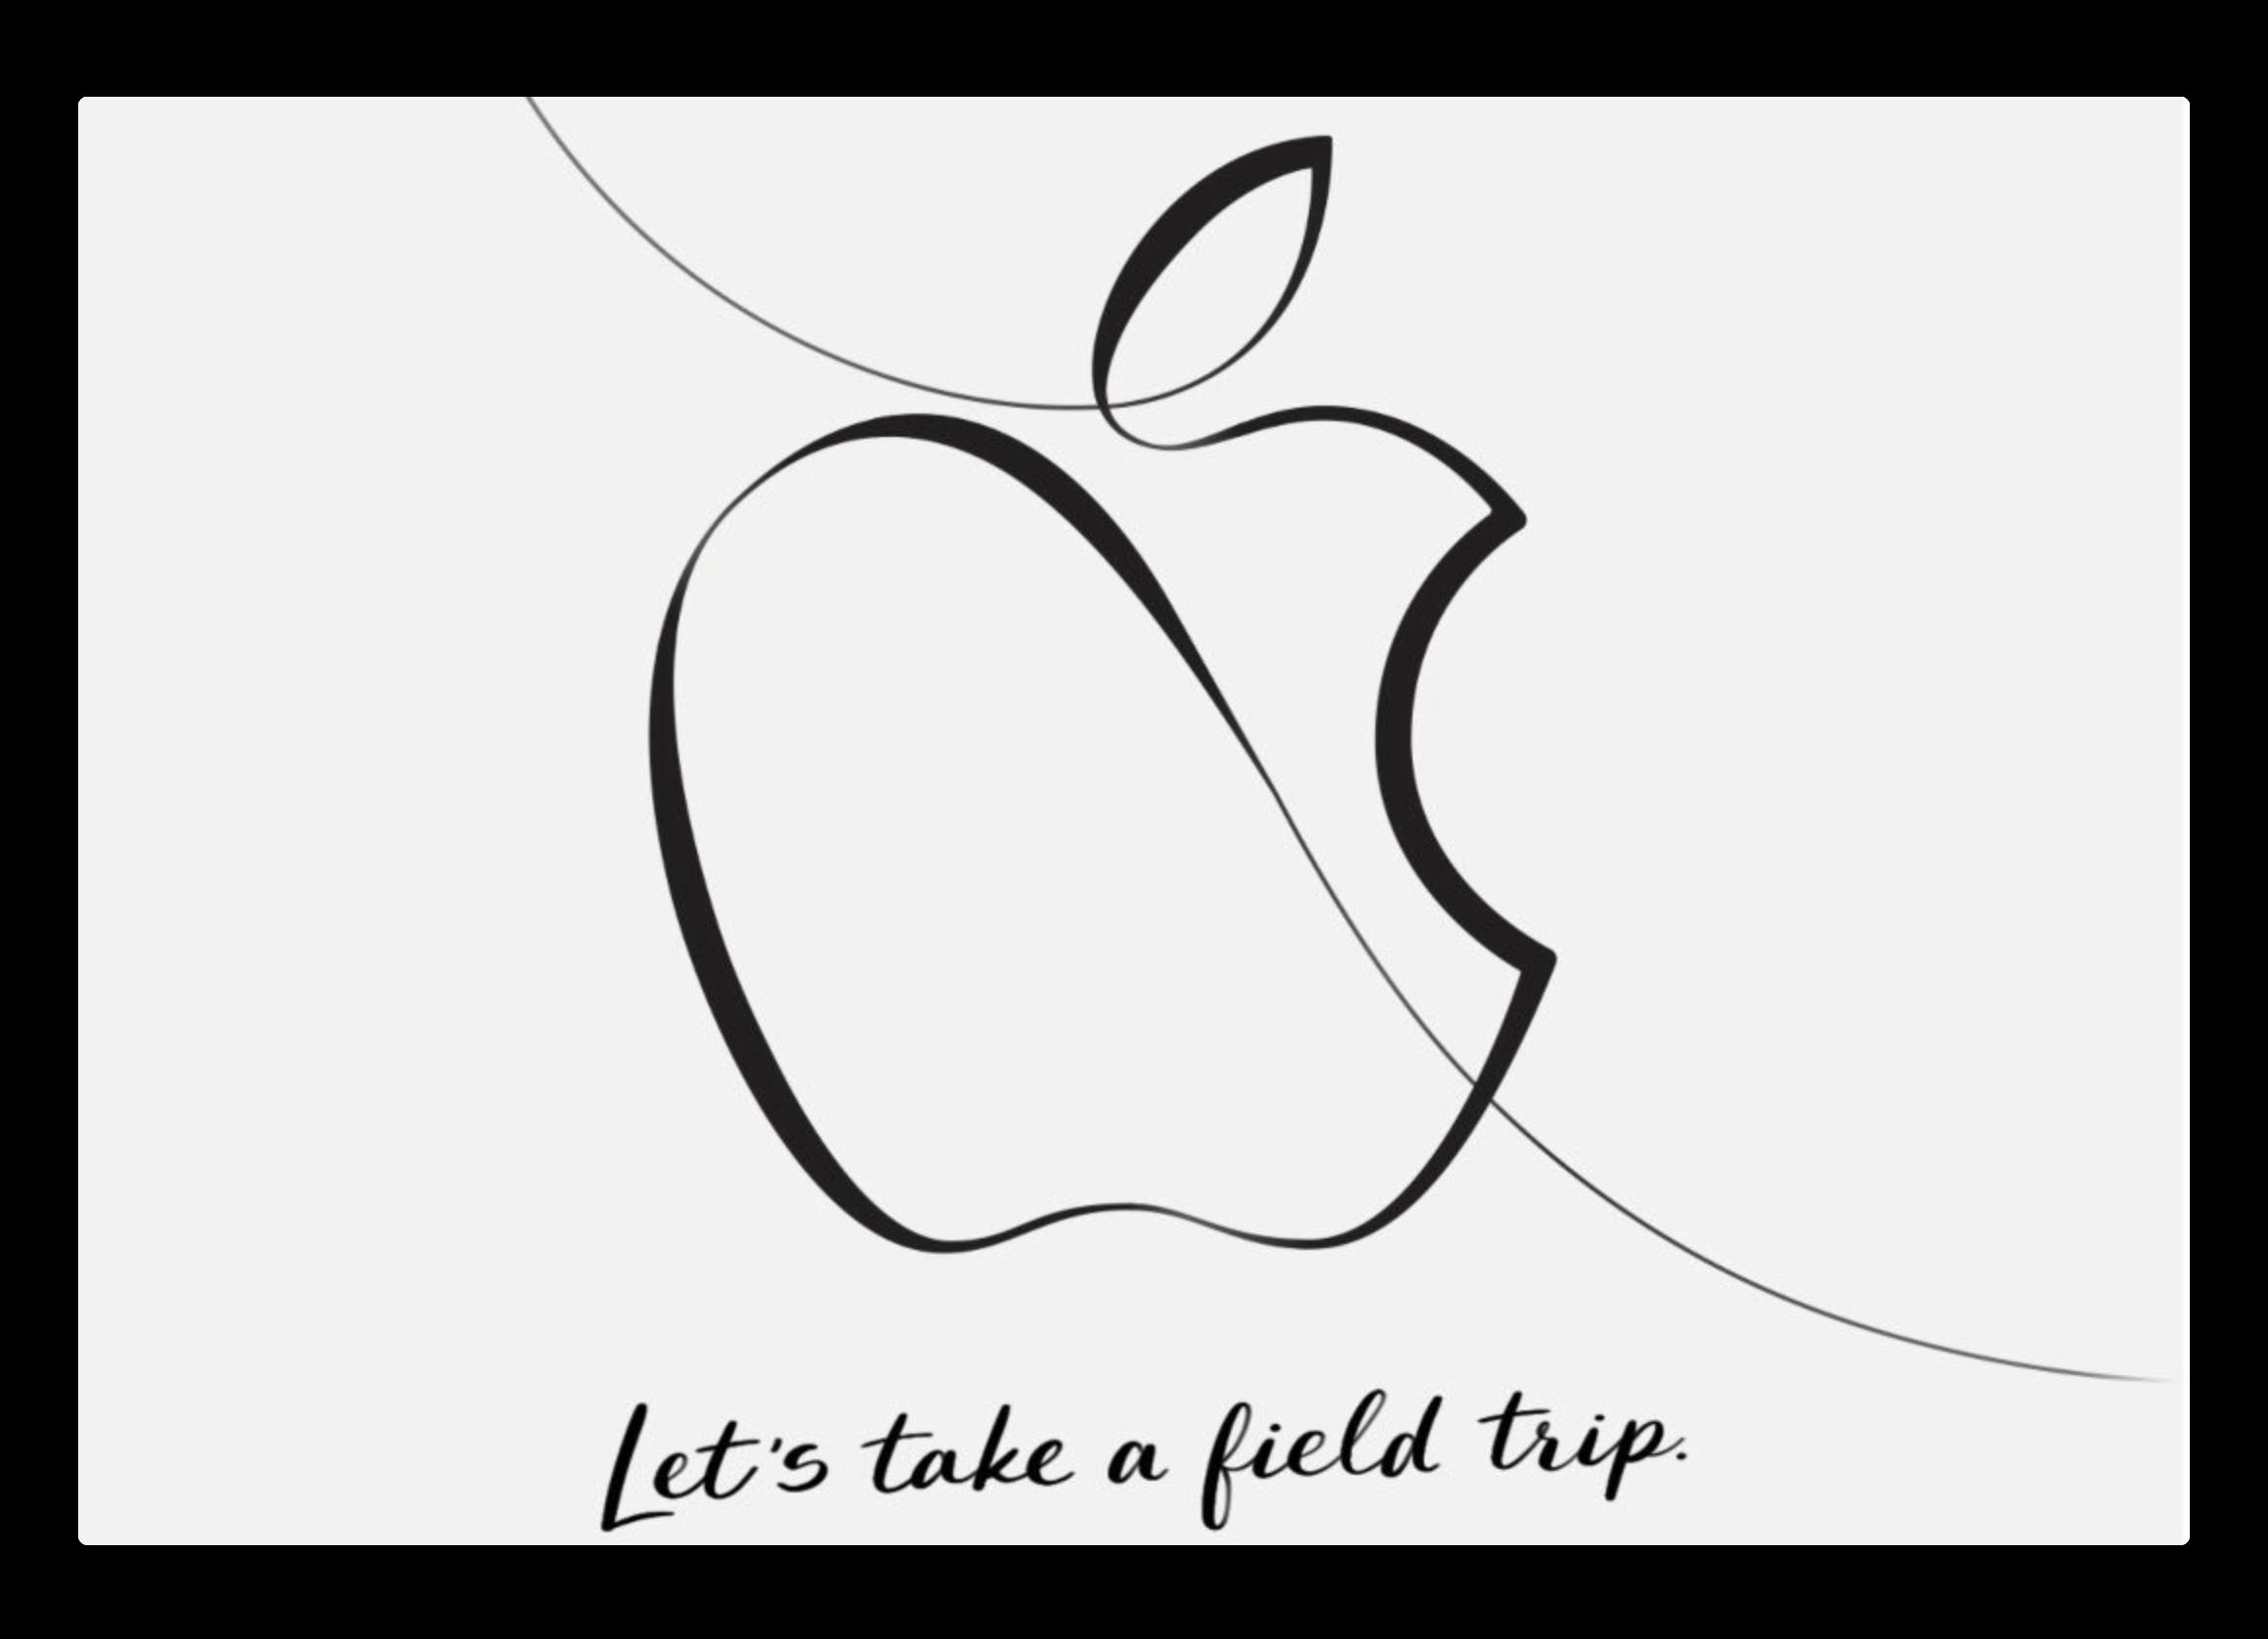 Apple、3月27日シカゴでイベントを開催し、新しいiPadやApple Pencilを発表か